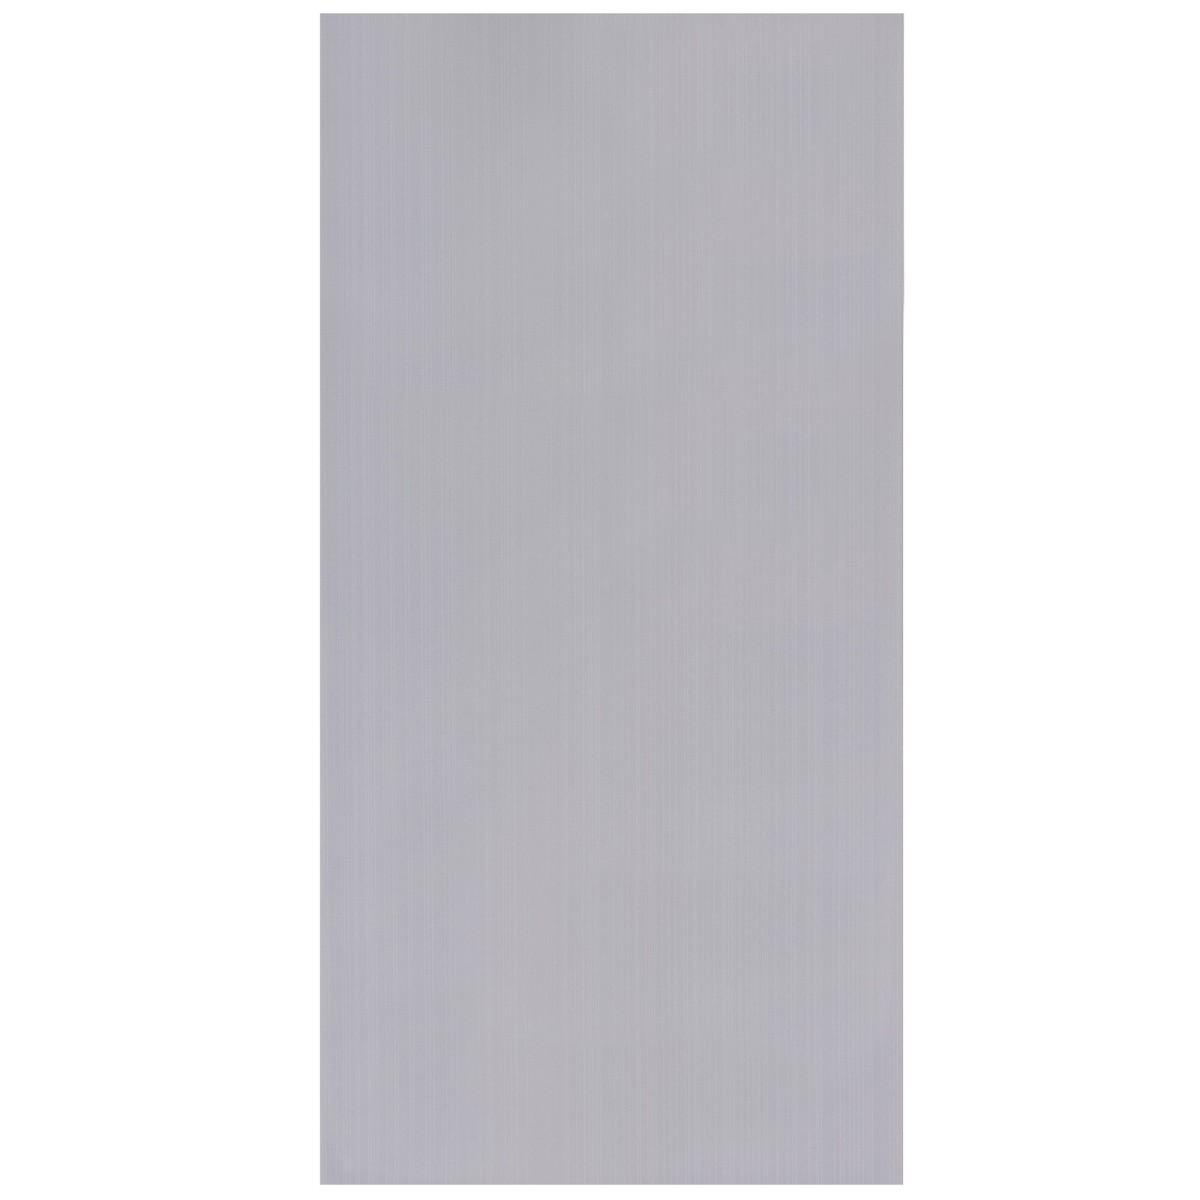 Плитка настенная Фрэска 20х40 см 1.2 м2 цвет серый